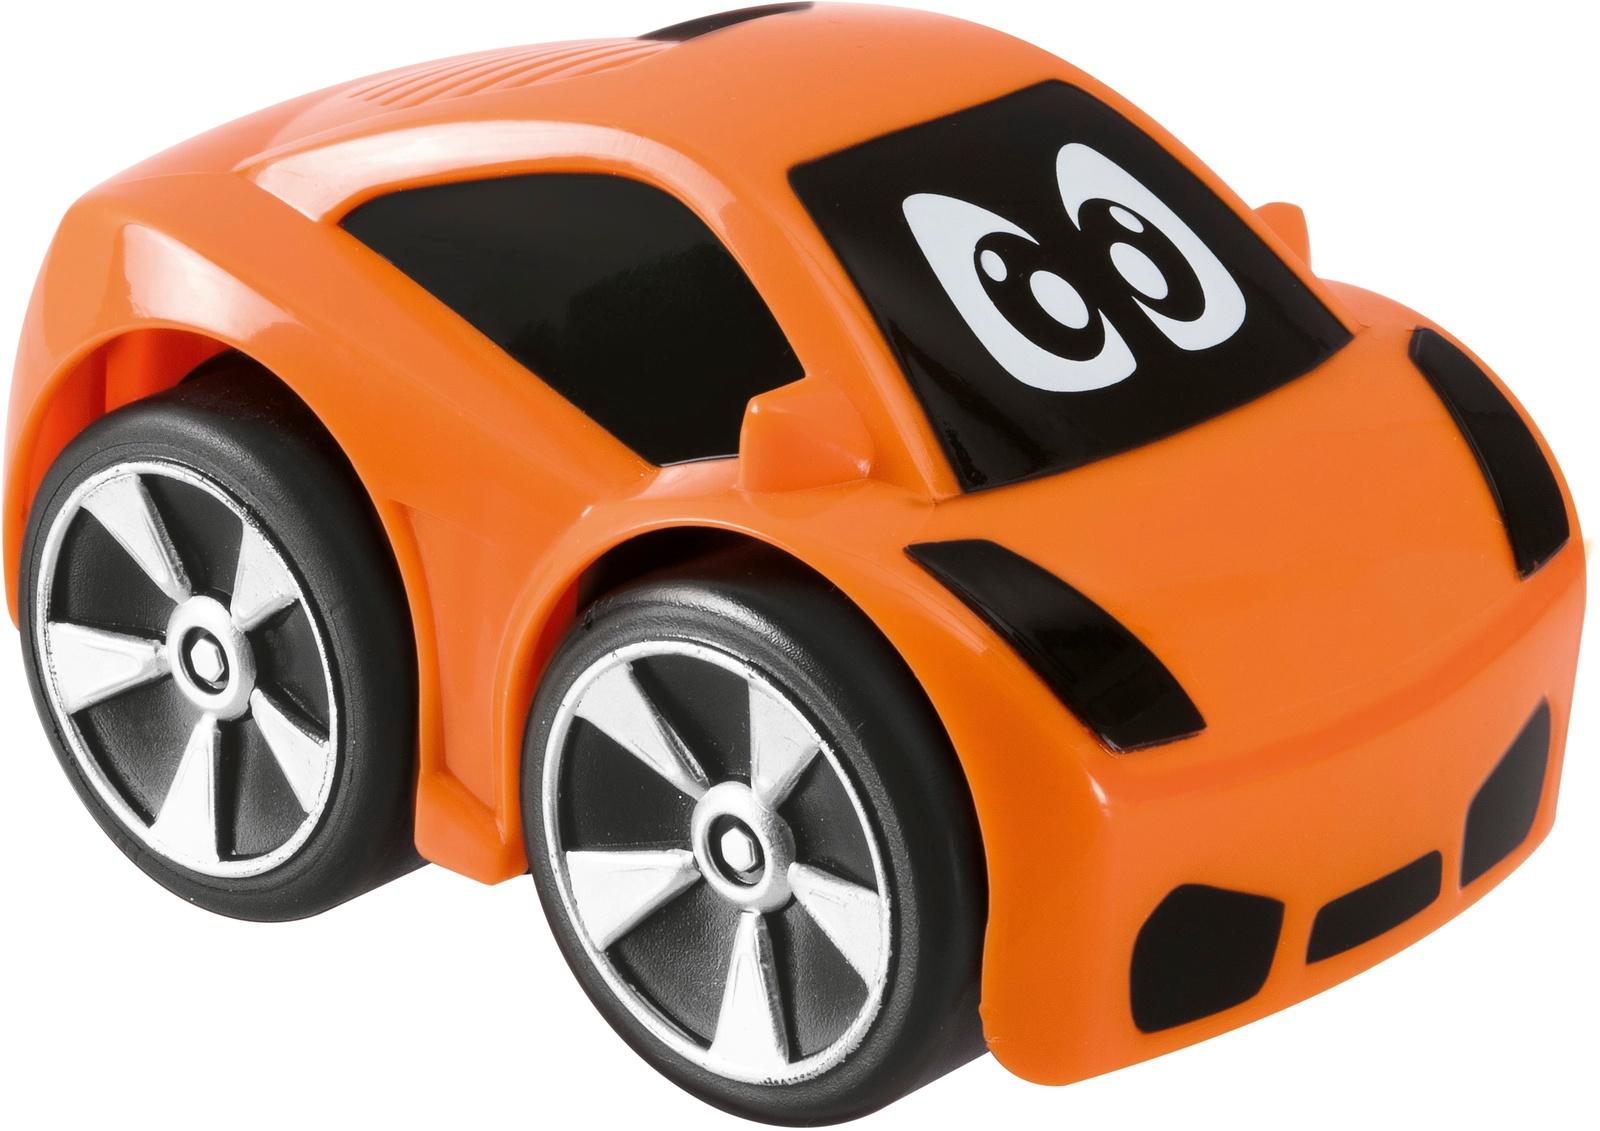 Машинка-игрушка Chicco Turbo Touch Oliver оранжевый chicco машинка turbo touch oliver цвет оранжевый